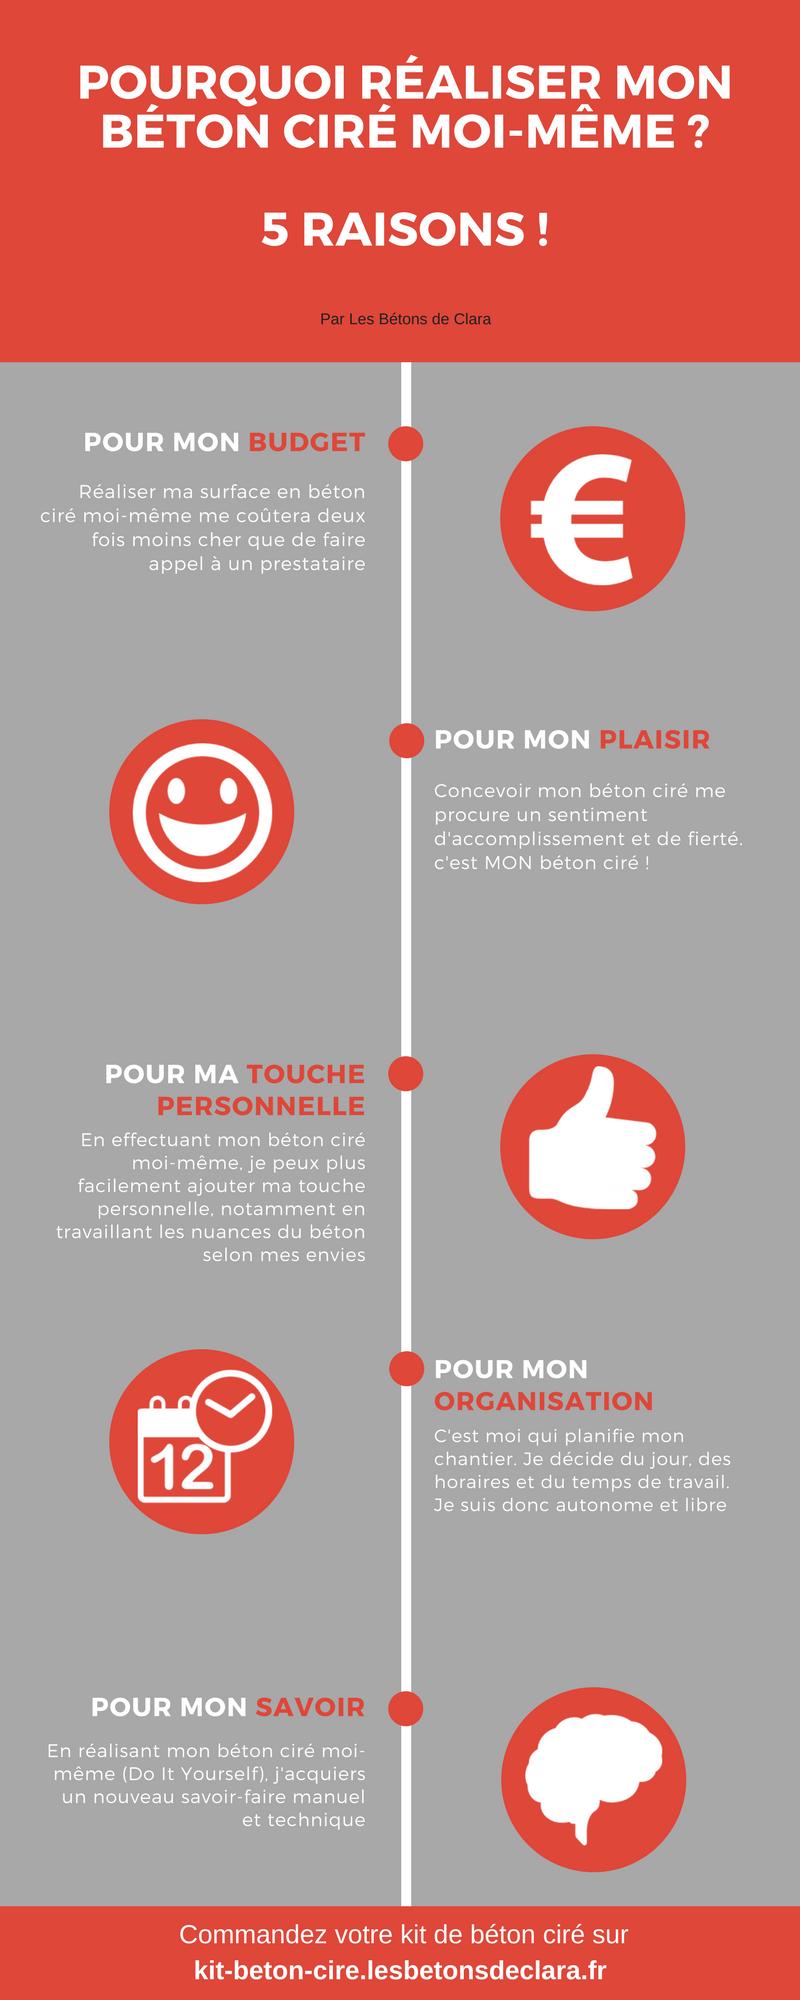 Infographie : Pourquoi réaliser mon béton ciré moi-même ? 5 raisons ...